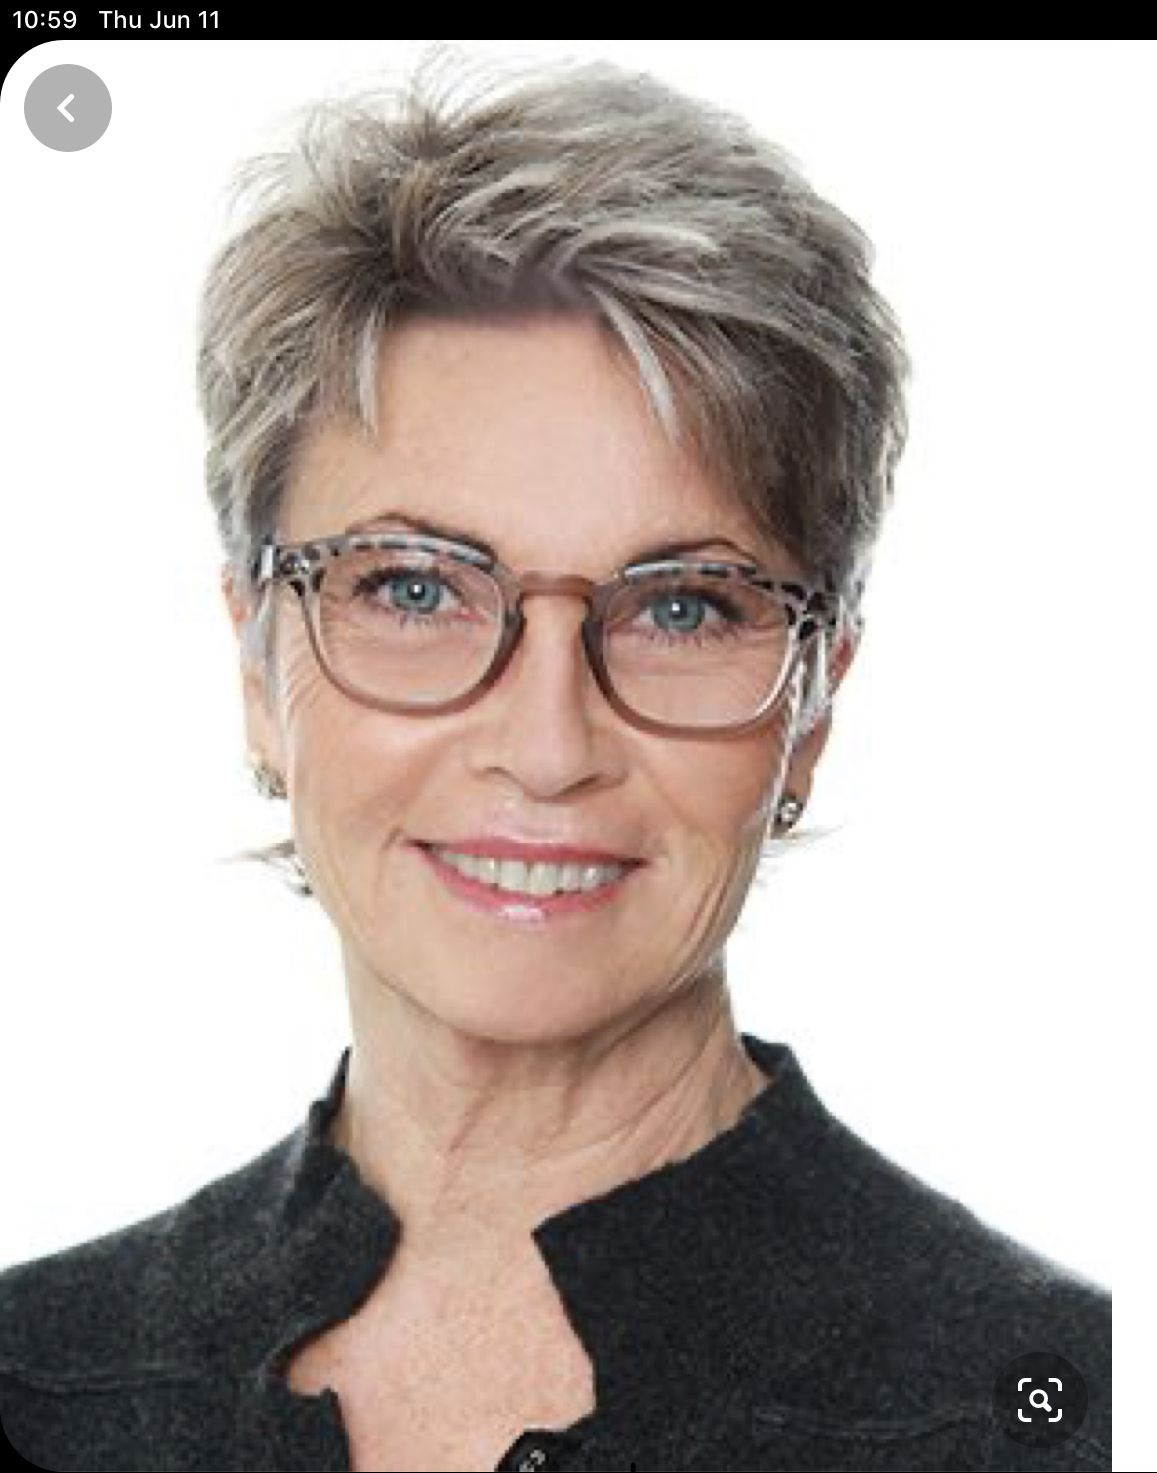 Pin Van Vera Op Hair Styles Korte Kapsels Fijn Haar Kapsels Voor Kort Haar Kort Kapsel Dames Met Bril